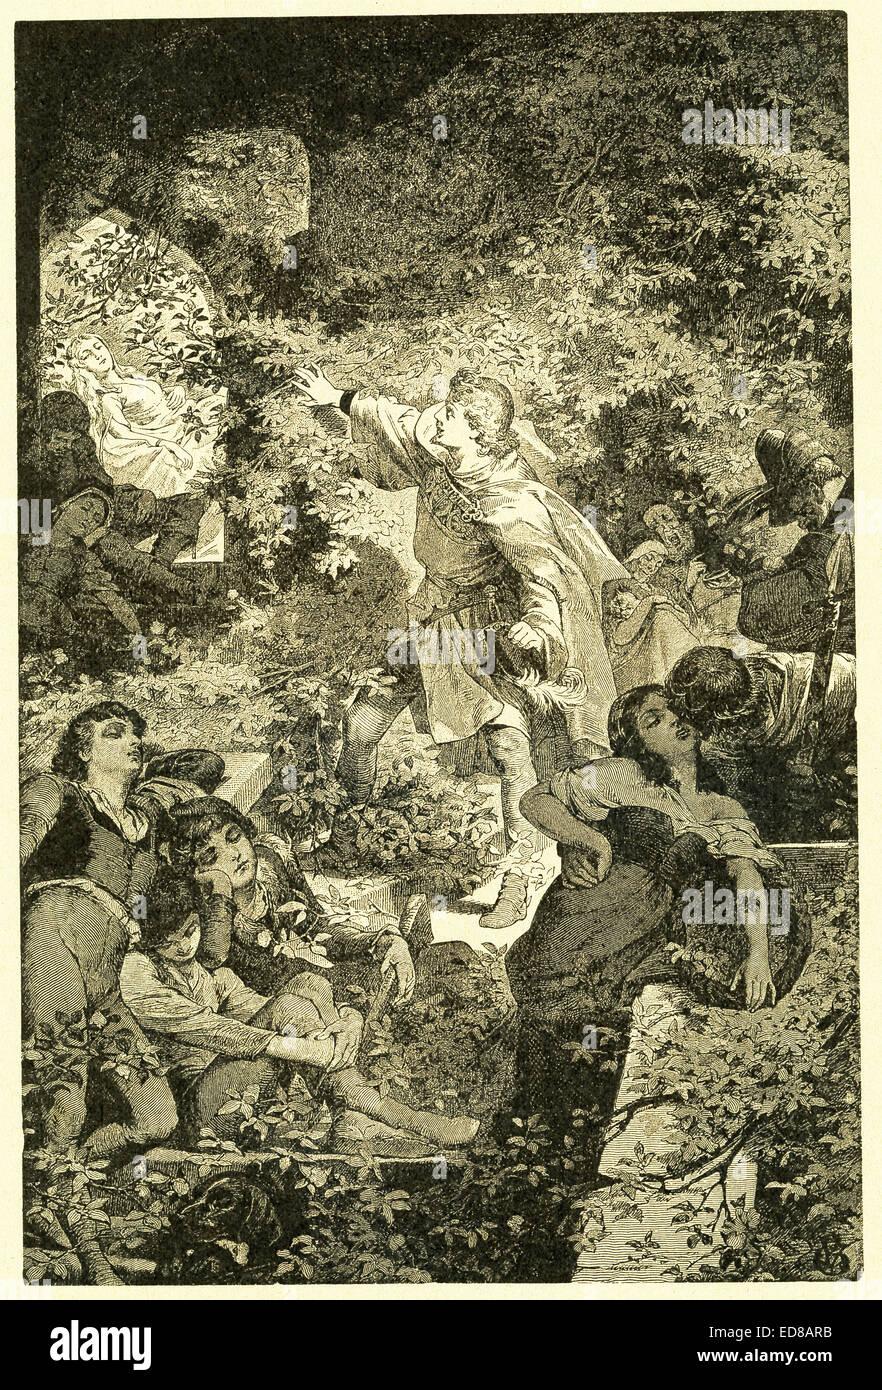 Nel 1812, i fratelli Grimm, Jacob e Wilhelm, pubblicato i Bambini e famiglia racconti, una collezione tedesco favole. Immagini Stock